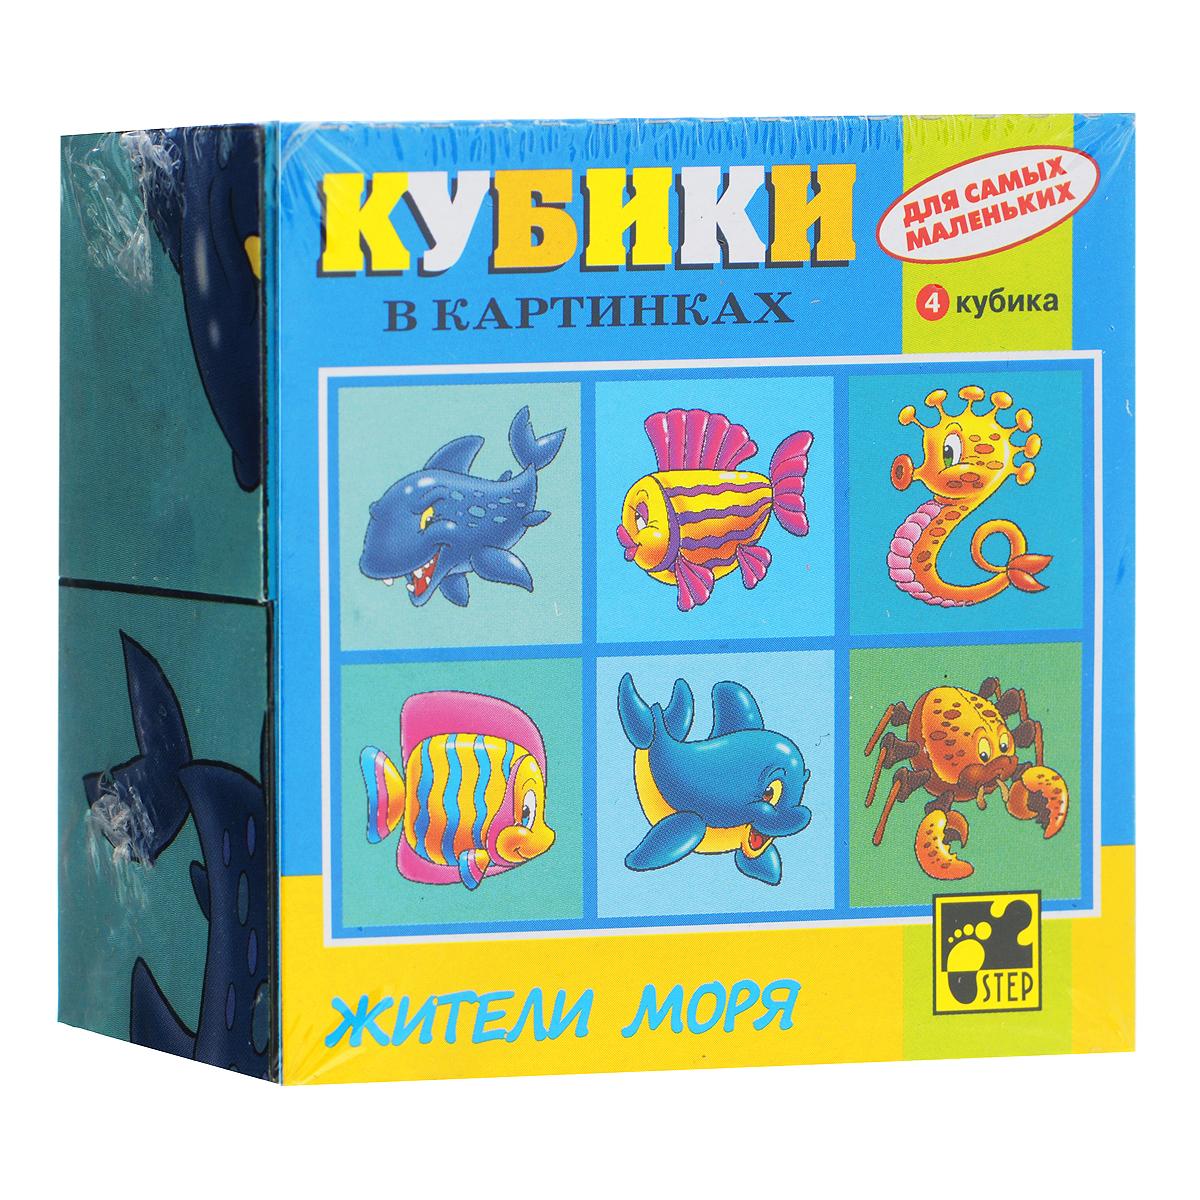 Кубики StepPuzzle Жители моря, 4 шт87316_жители моряКубики StepPuzzle Герои сказок включают в себя 4 кубика, на каждой грани которых расположен элемент рисунка. Составляя кубики, малыш сможет собрать 6 красочных картинок с изображением забавных морских обитателей. Кубики выполнены из прочного безопасного пластика. Их грани идеально ровные, малышу непременно понравится держать их в руках, рассматривать и строить из них различные конструкции. А собирание ярких картинок с веселыми зверушками поможет малышу развить навыки логического мышления и поможет ему познакомиться с разными цветами и их названиями. Игры с кубиками развивают мелкую моторику рук, цветовое восприятие и пространственное мышление. Ребенку непременно понравится учиться и играть с кубиками, такие игры не только надолго займут внимание малыша, но и помогут ему развить мелкую моторику, пространственное мышление, зрительное и тактильное восприятие, а также воображение и координацию движений.